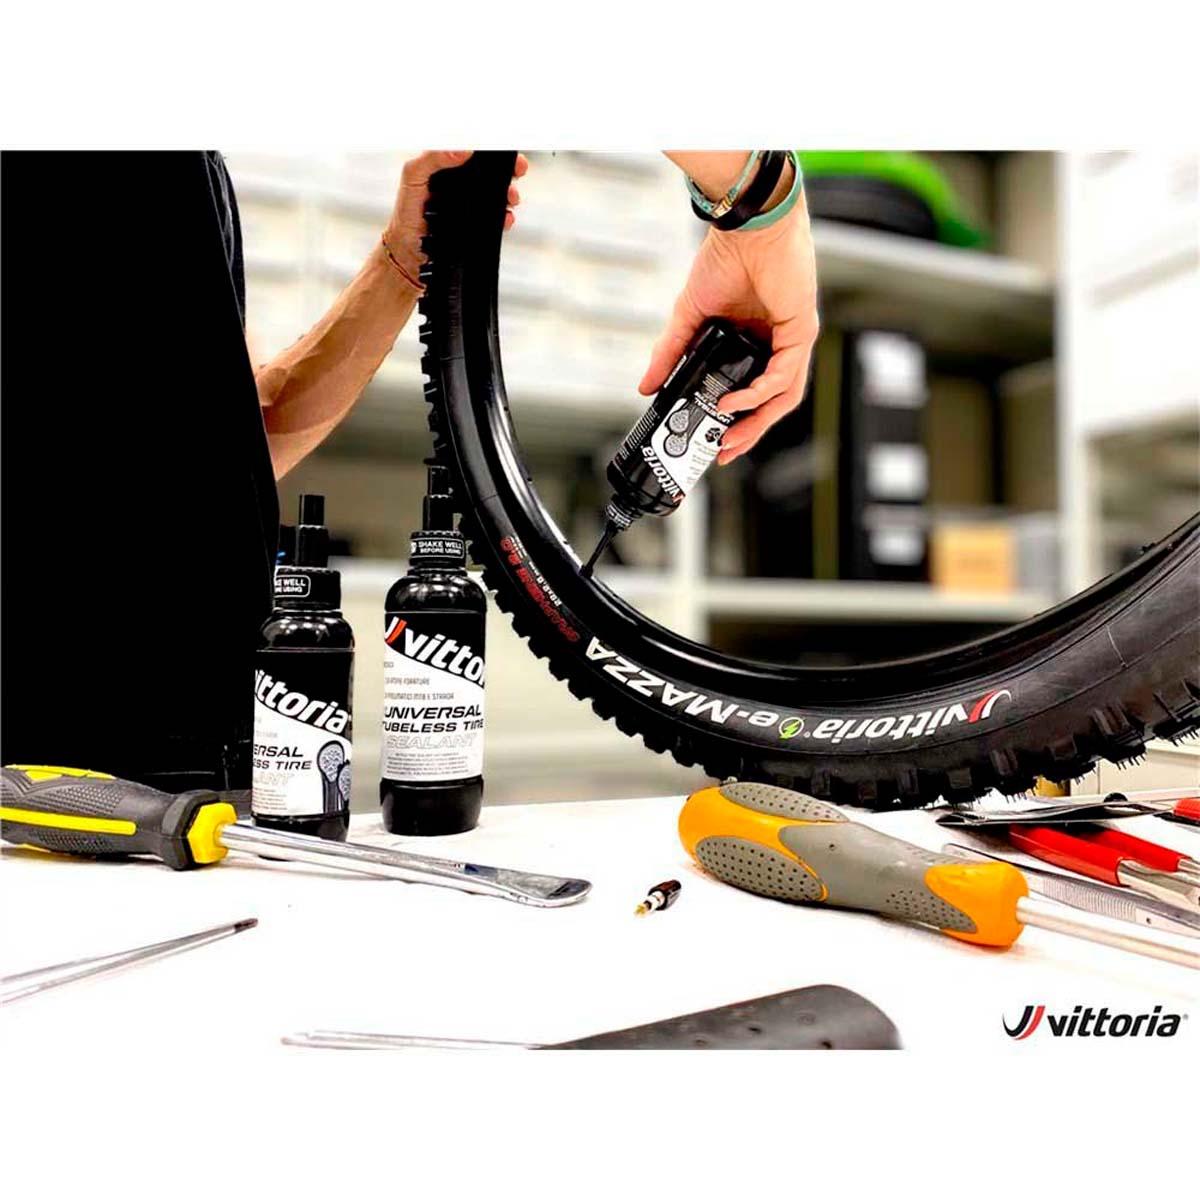 Selante Vittoria Universal Tubeless Tire 250ml com Plaquetas Para Vedar Furos Maiores